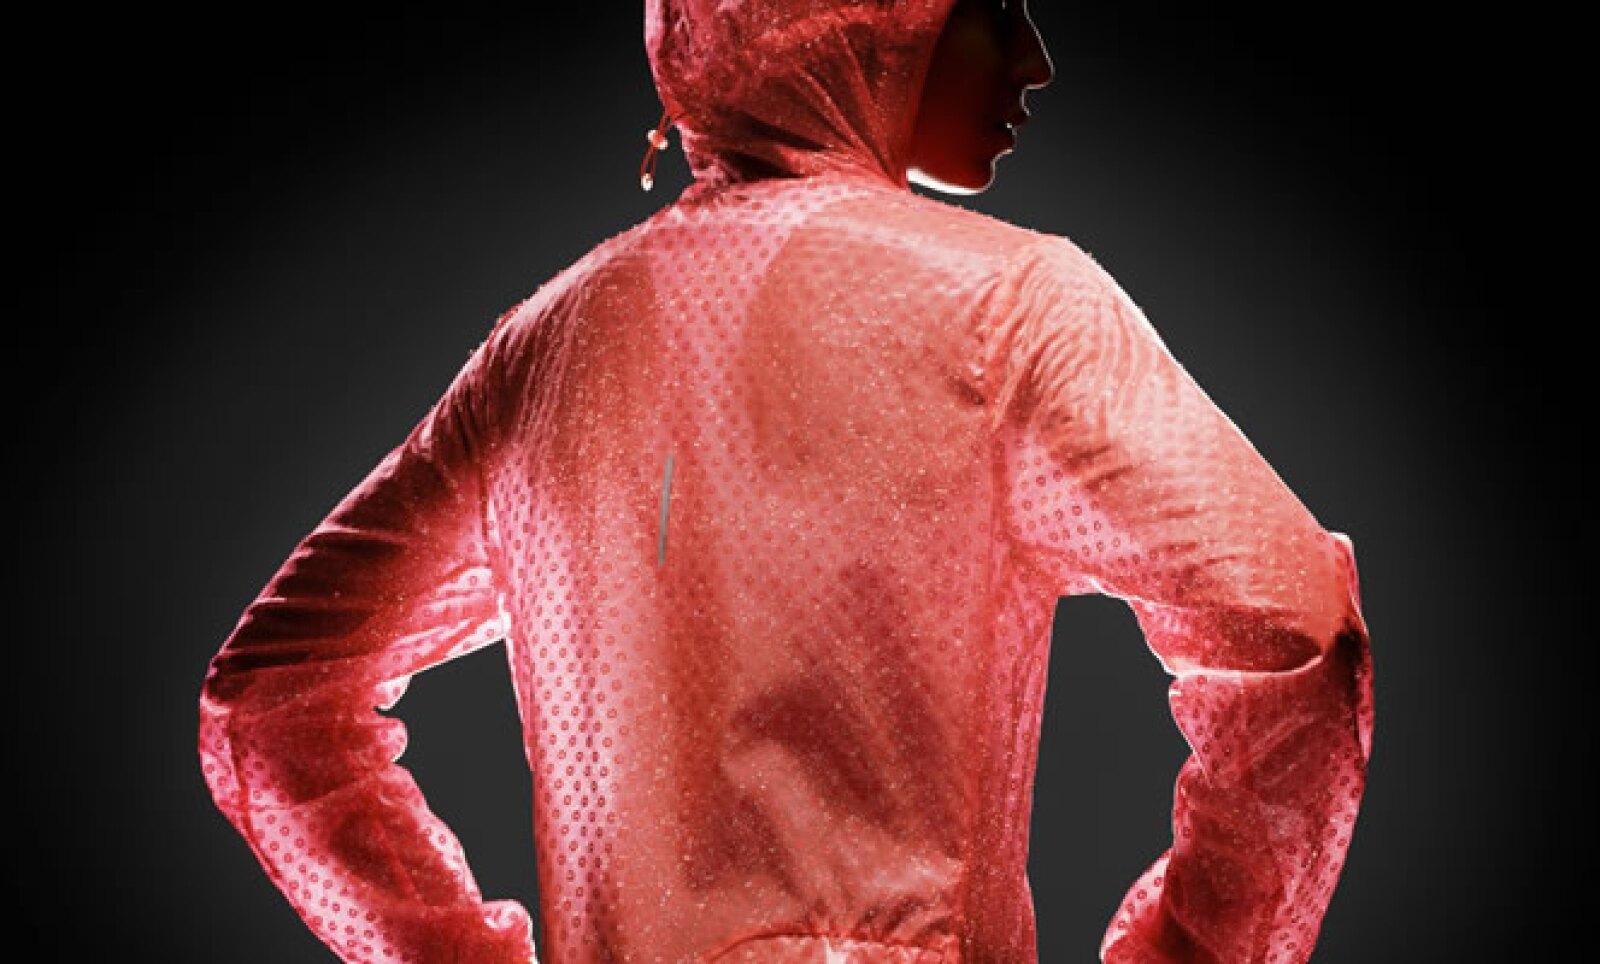 La chamarra 'Cyclone' tiene ligereza y confort y posee tela interna que impide que se adhiera a la piel, con lo que además ayuda a la transpiración.